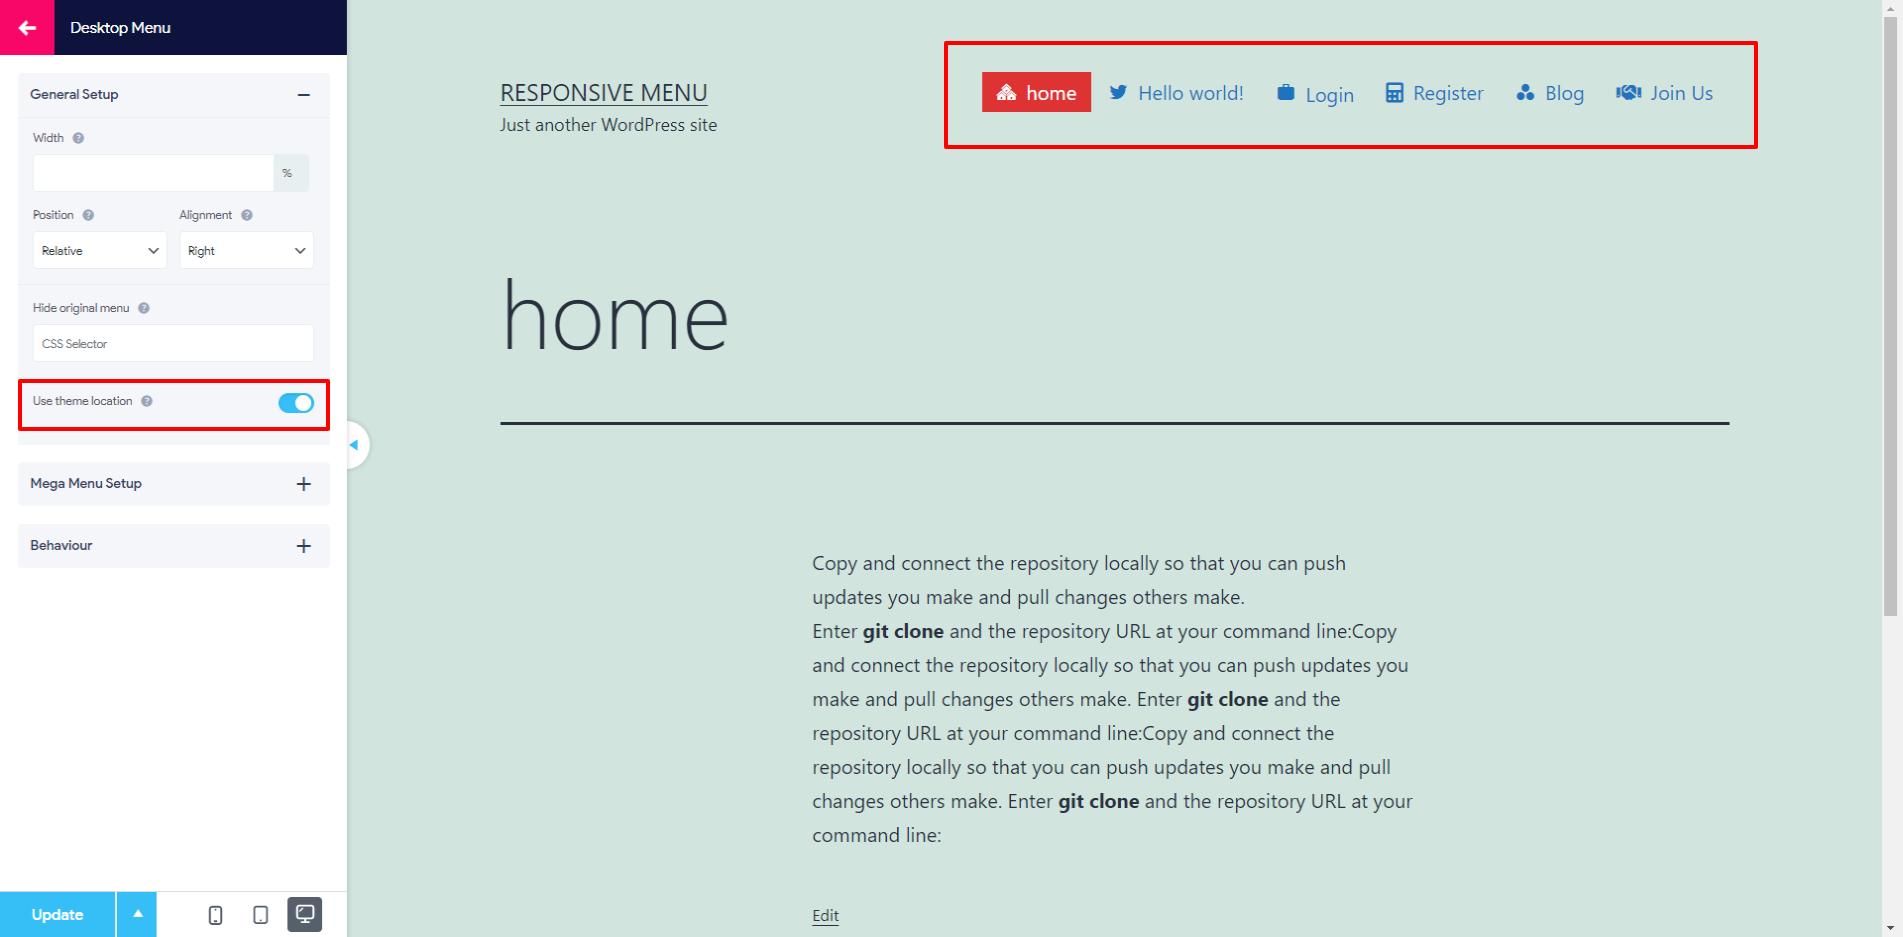 Theme Location Feature for Desktop Menu - Image 2